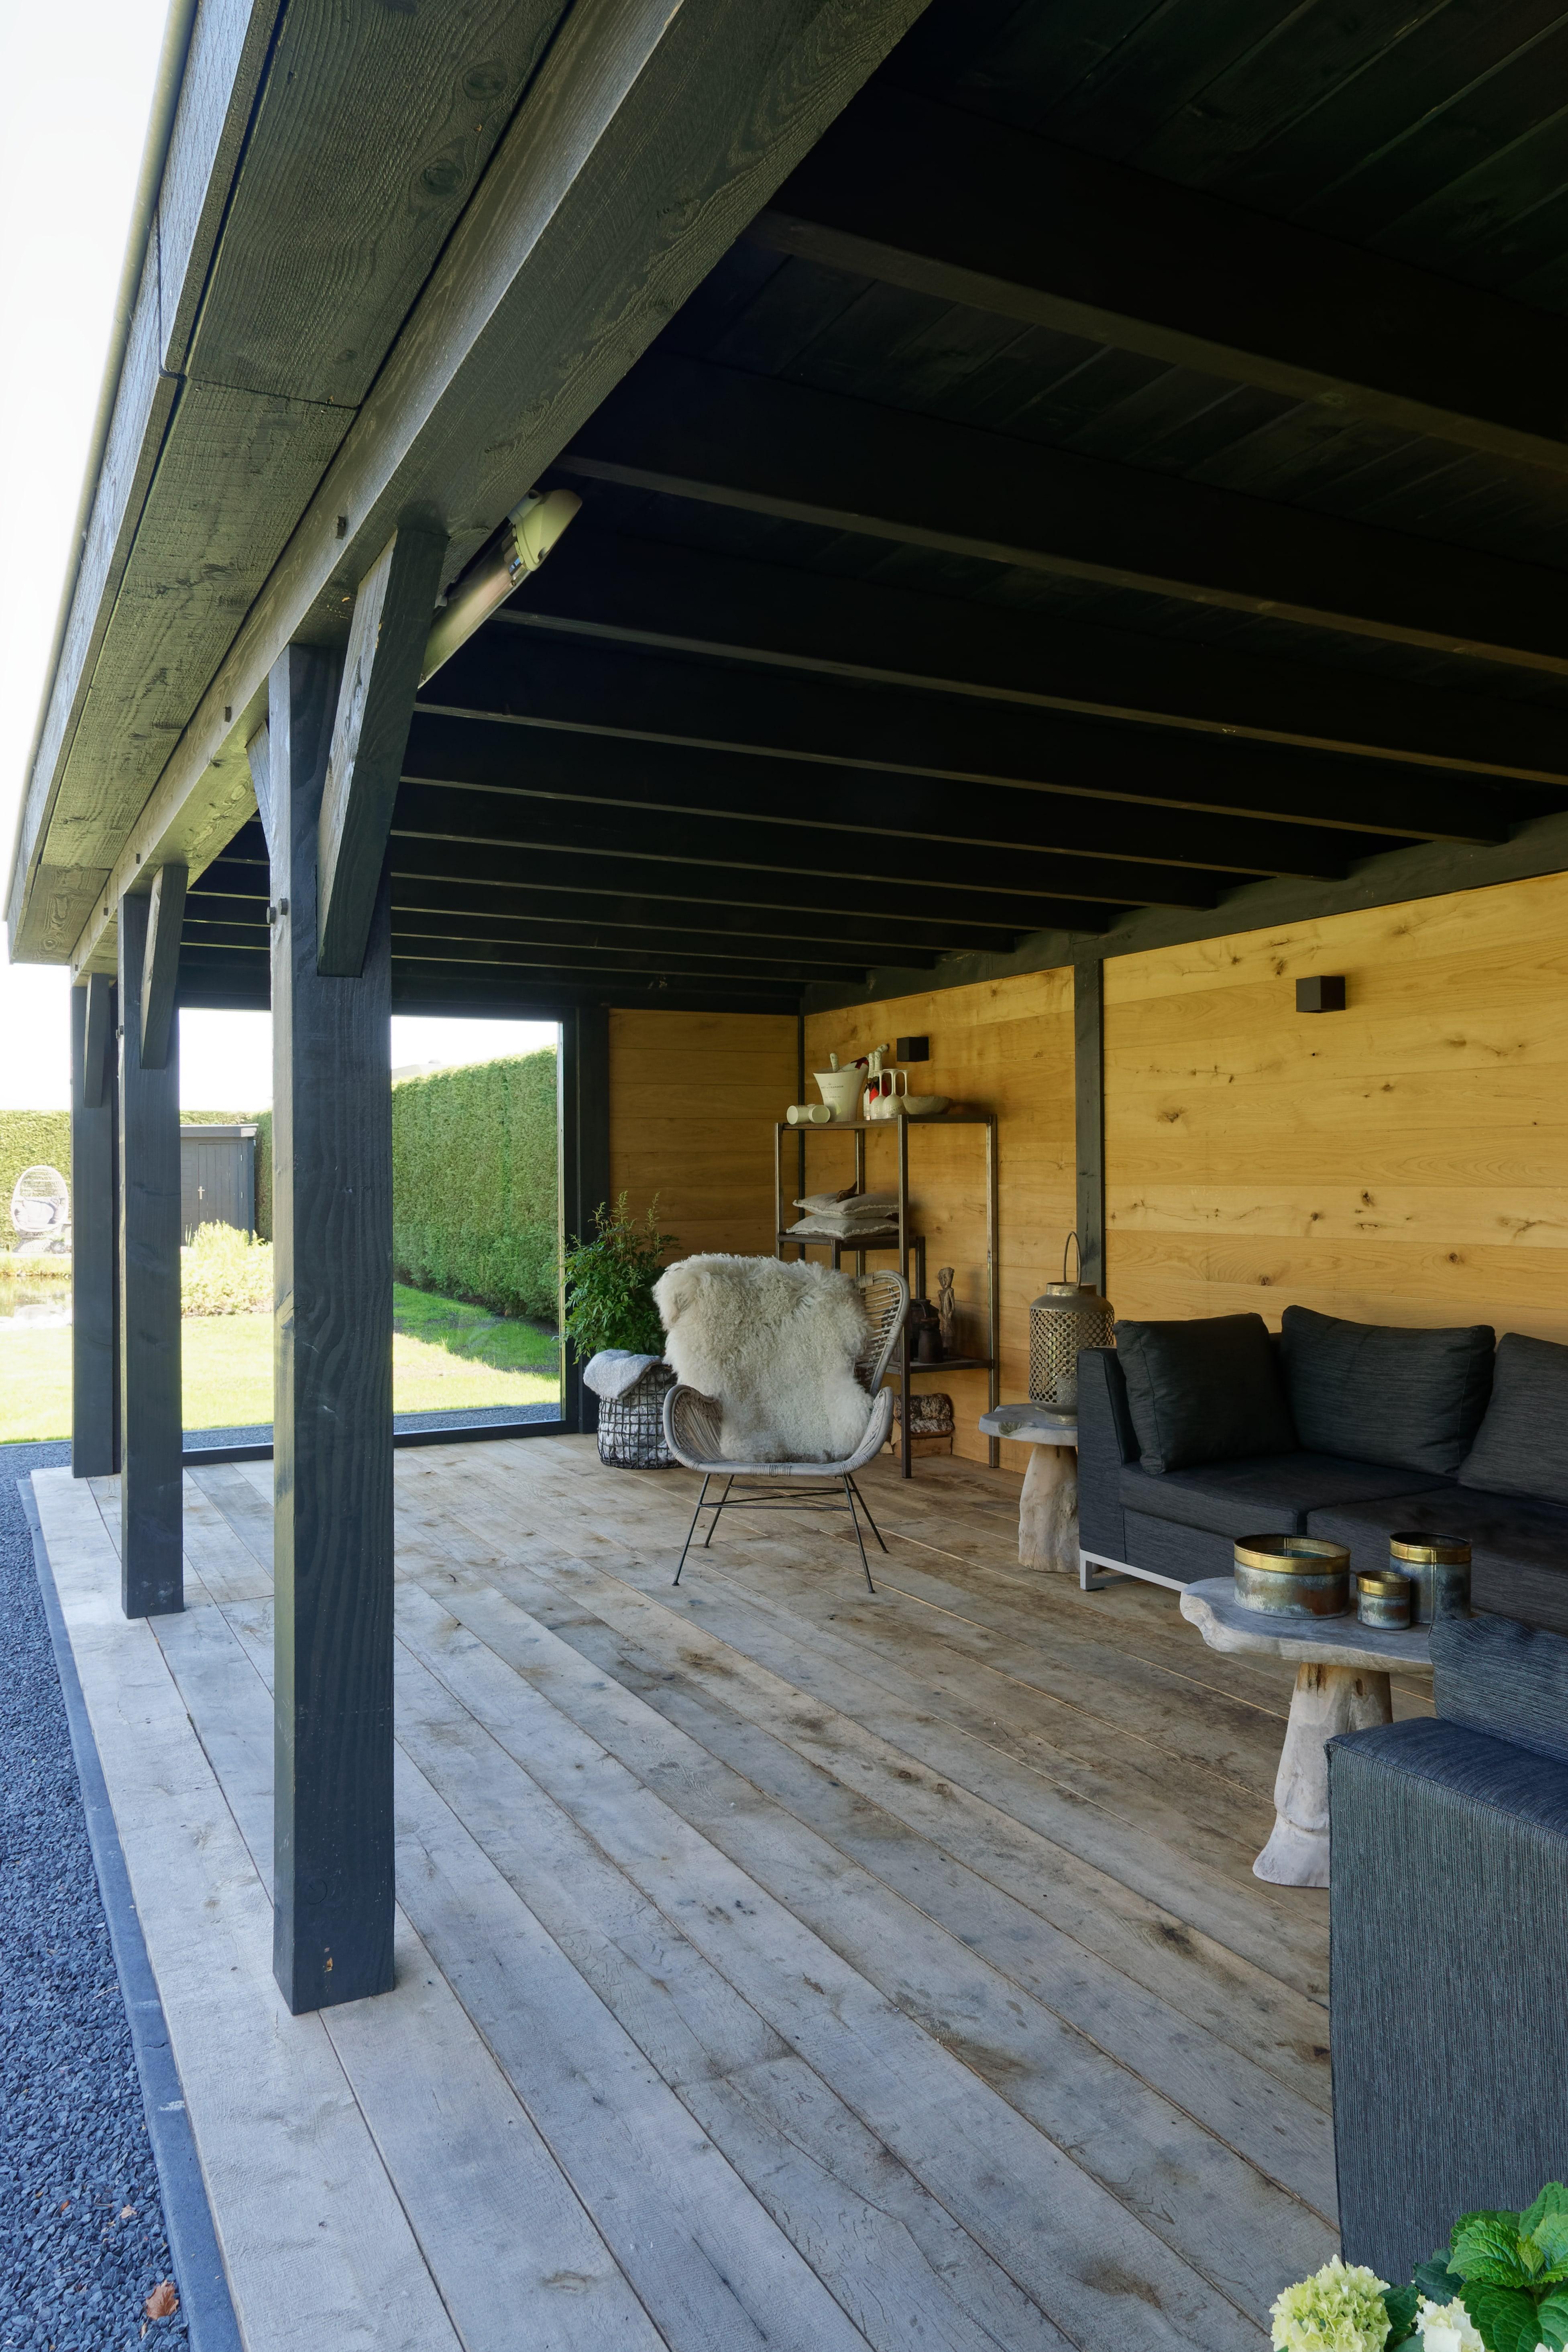 houten-tuinkamer-5 - Project Bleiswijk: Luxe tuinhuis met tuinkamer platdak.